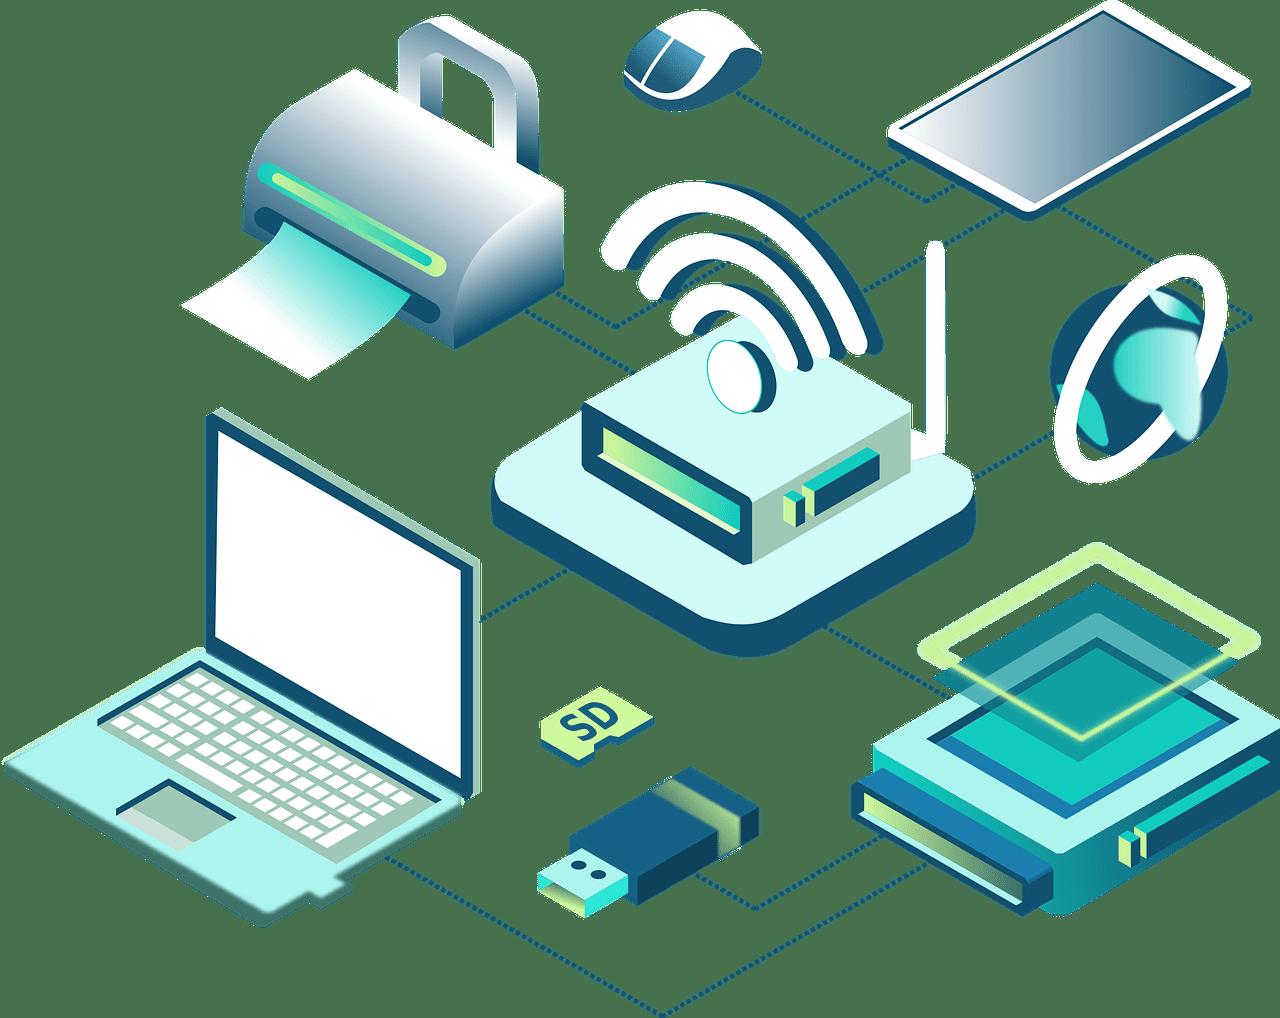 Trådløs netværk, trådløs internet det løser ODENSE EL Kontakt os på   ☎ 65905510